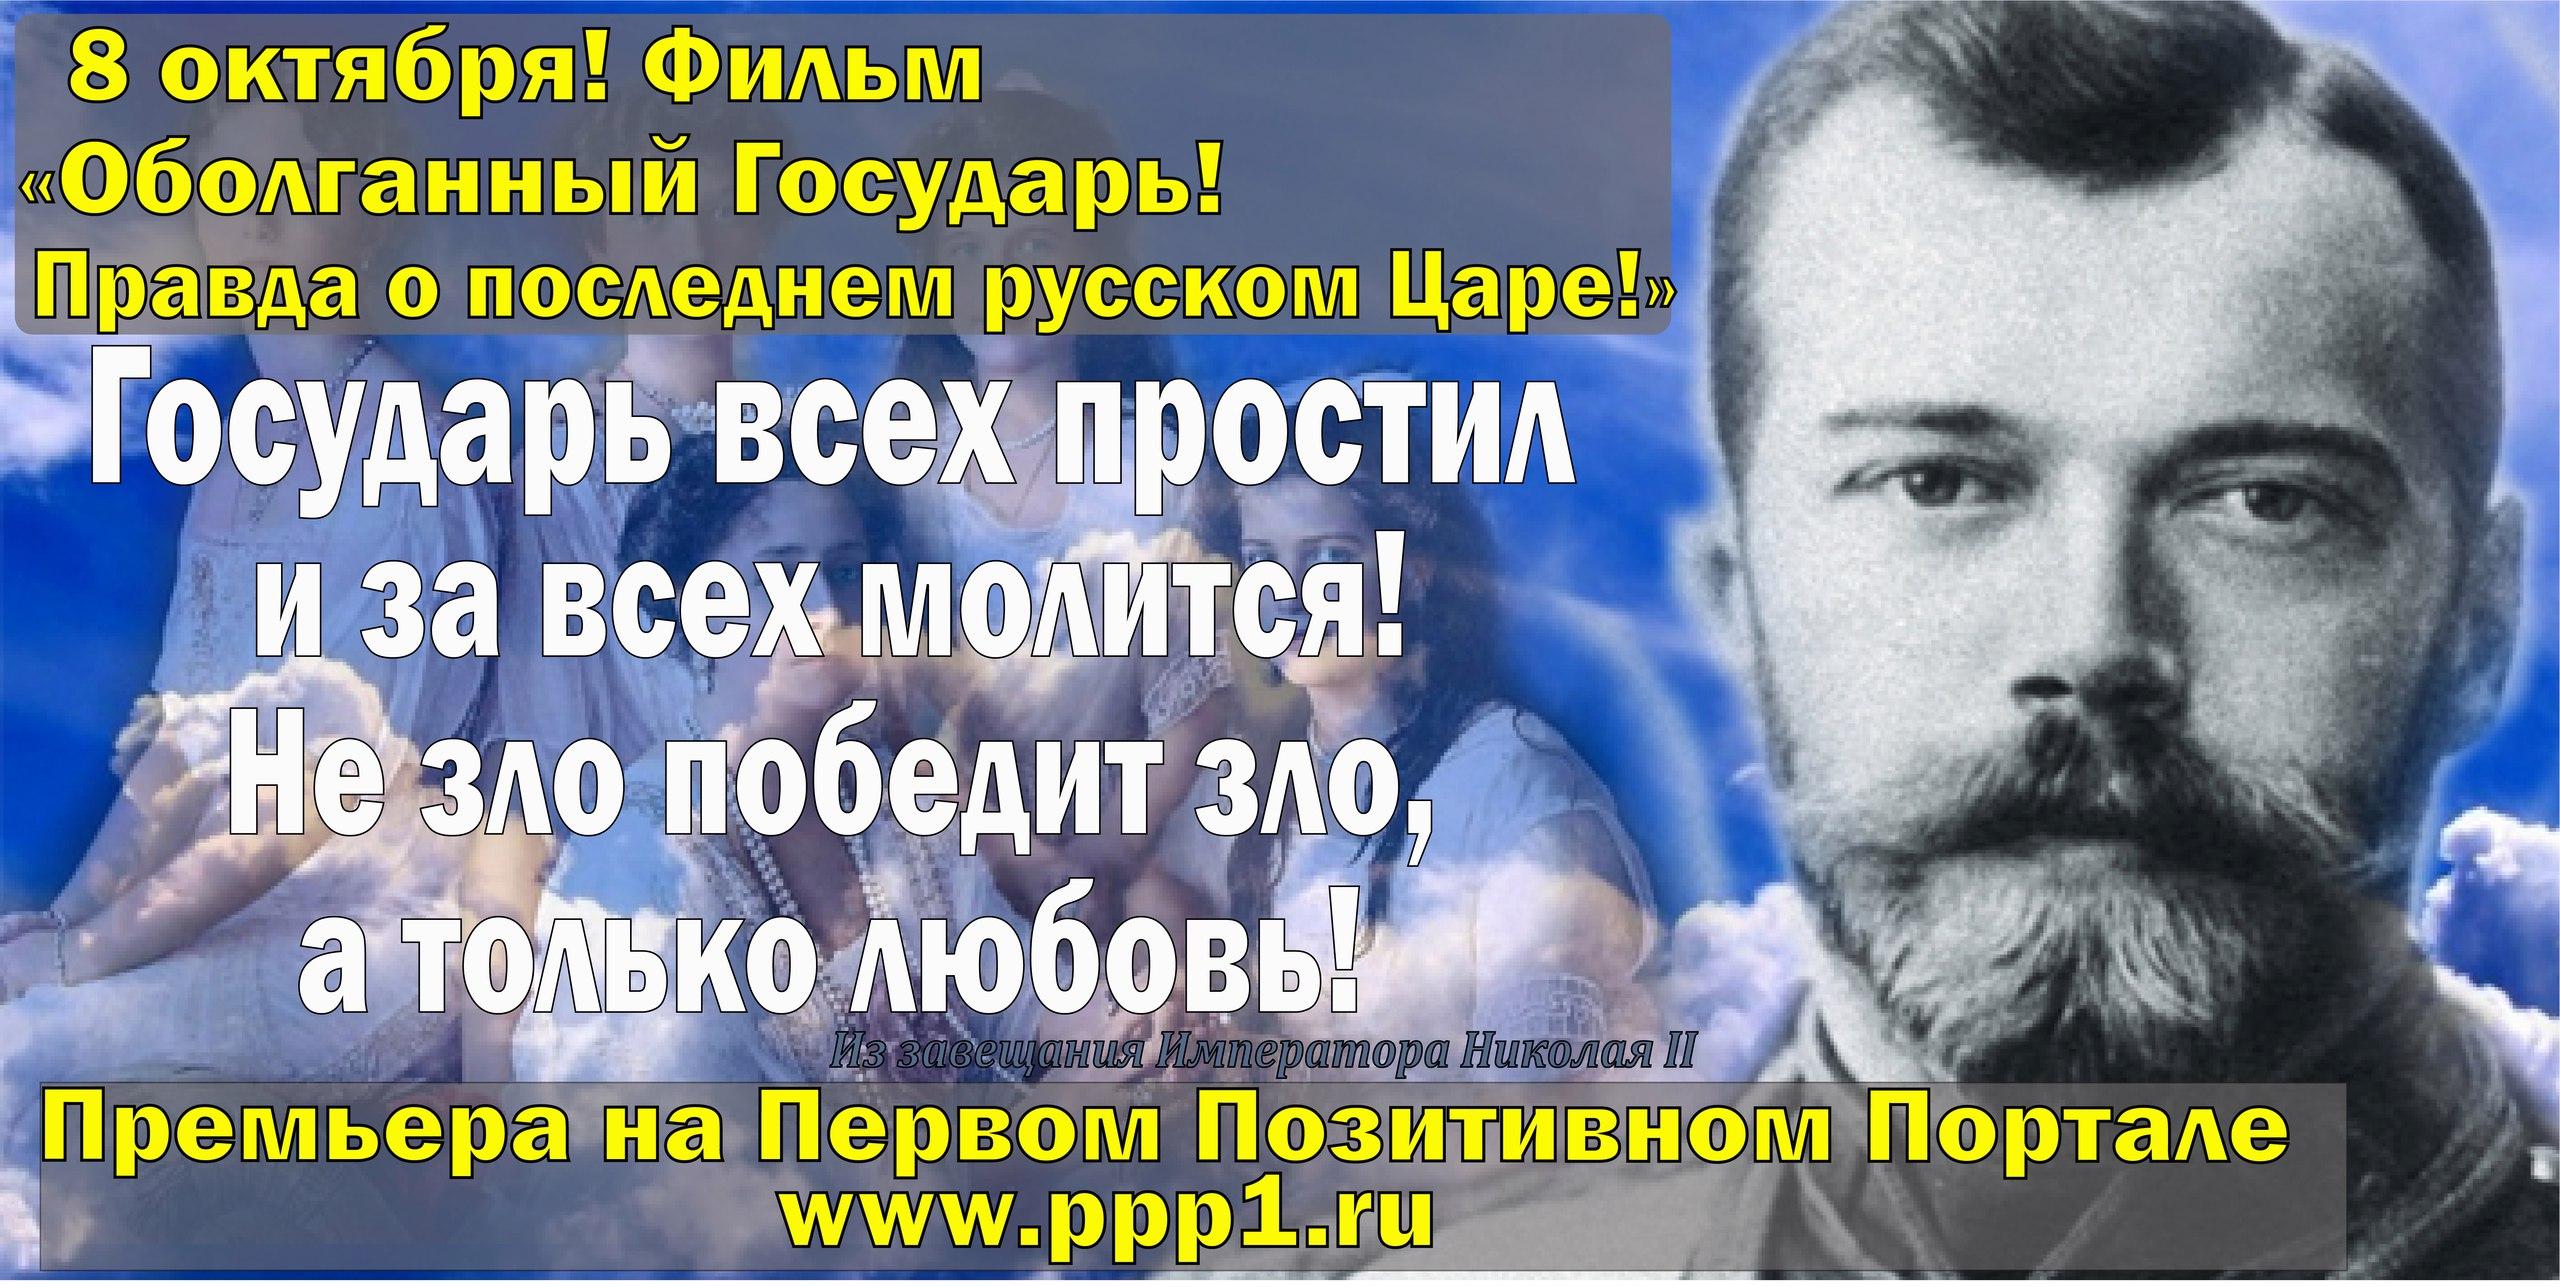 Первый Позитивный Портал: «Оболганный Государь! Правда о последнем русском Царе!» (08.10.17)